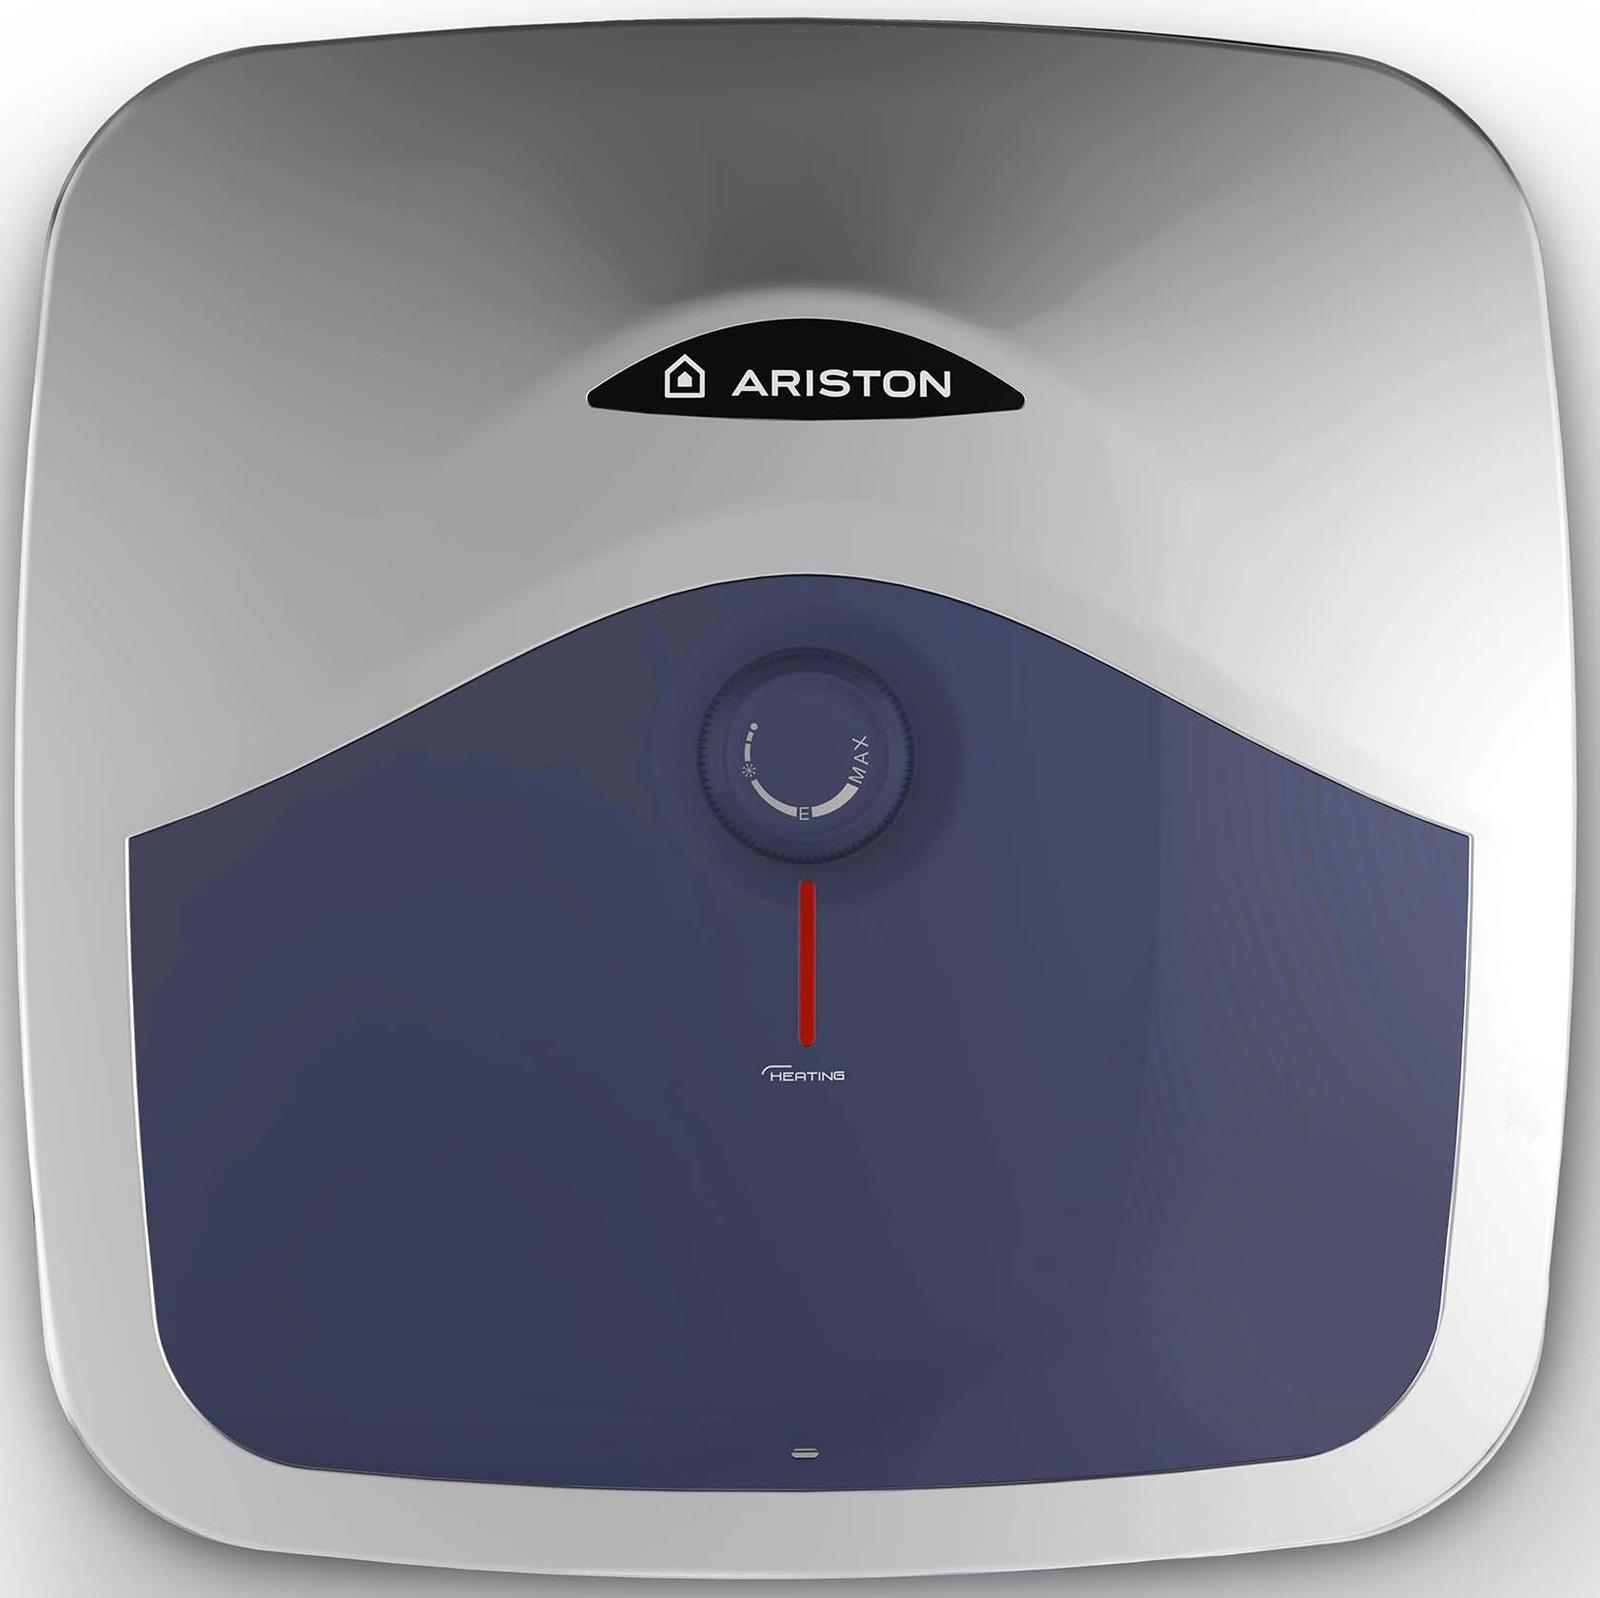 Водонагреватель накопительный электрический Ariston BLU EVO R 10 RU, 90000011581, белый накопительный водонагреватель ariston blu evo r 10 ru